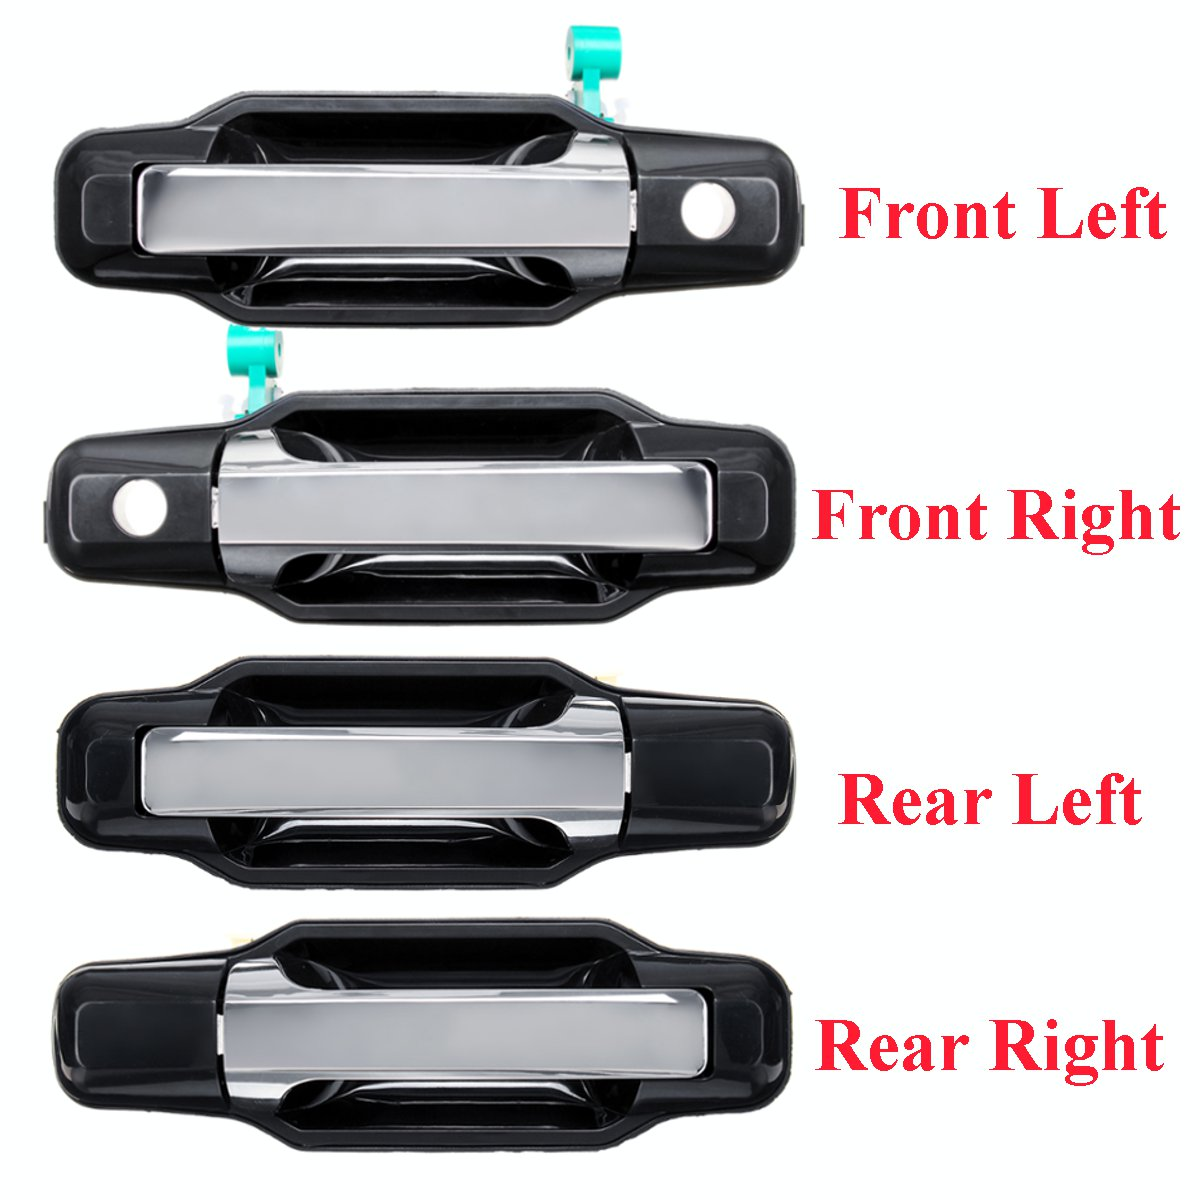 LHD Front Left/Right ABS Exterior Door Handle For Kia Sorento 2003 2004 2005 2006 2007 2008 2009 826503E021 826603E021 836503E01